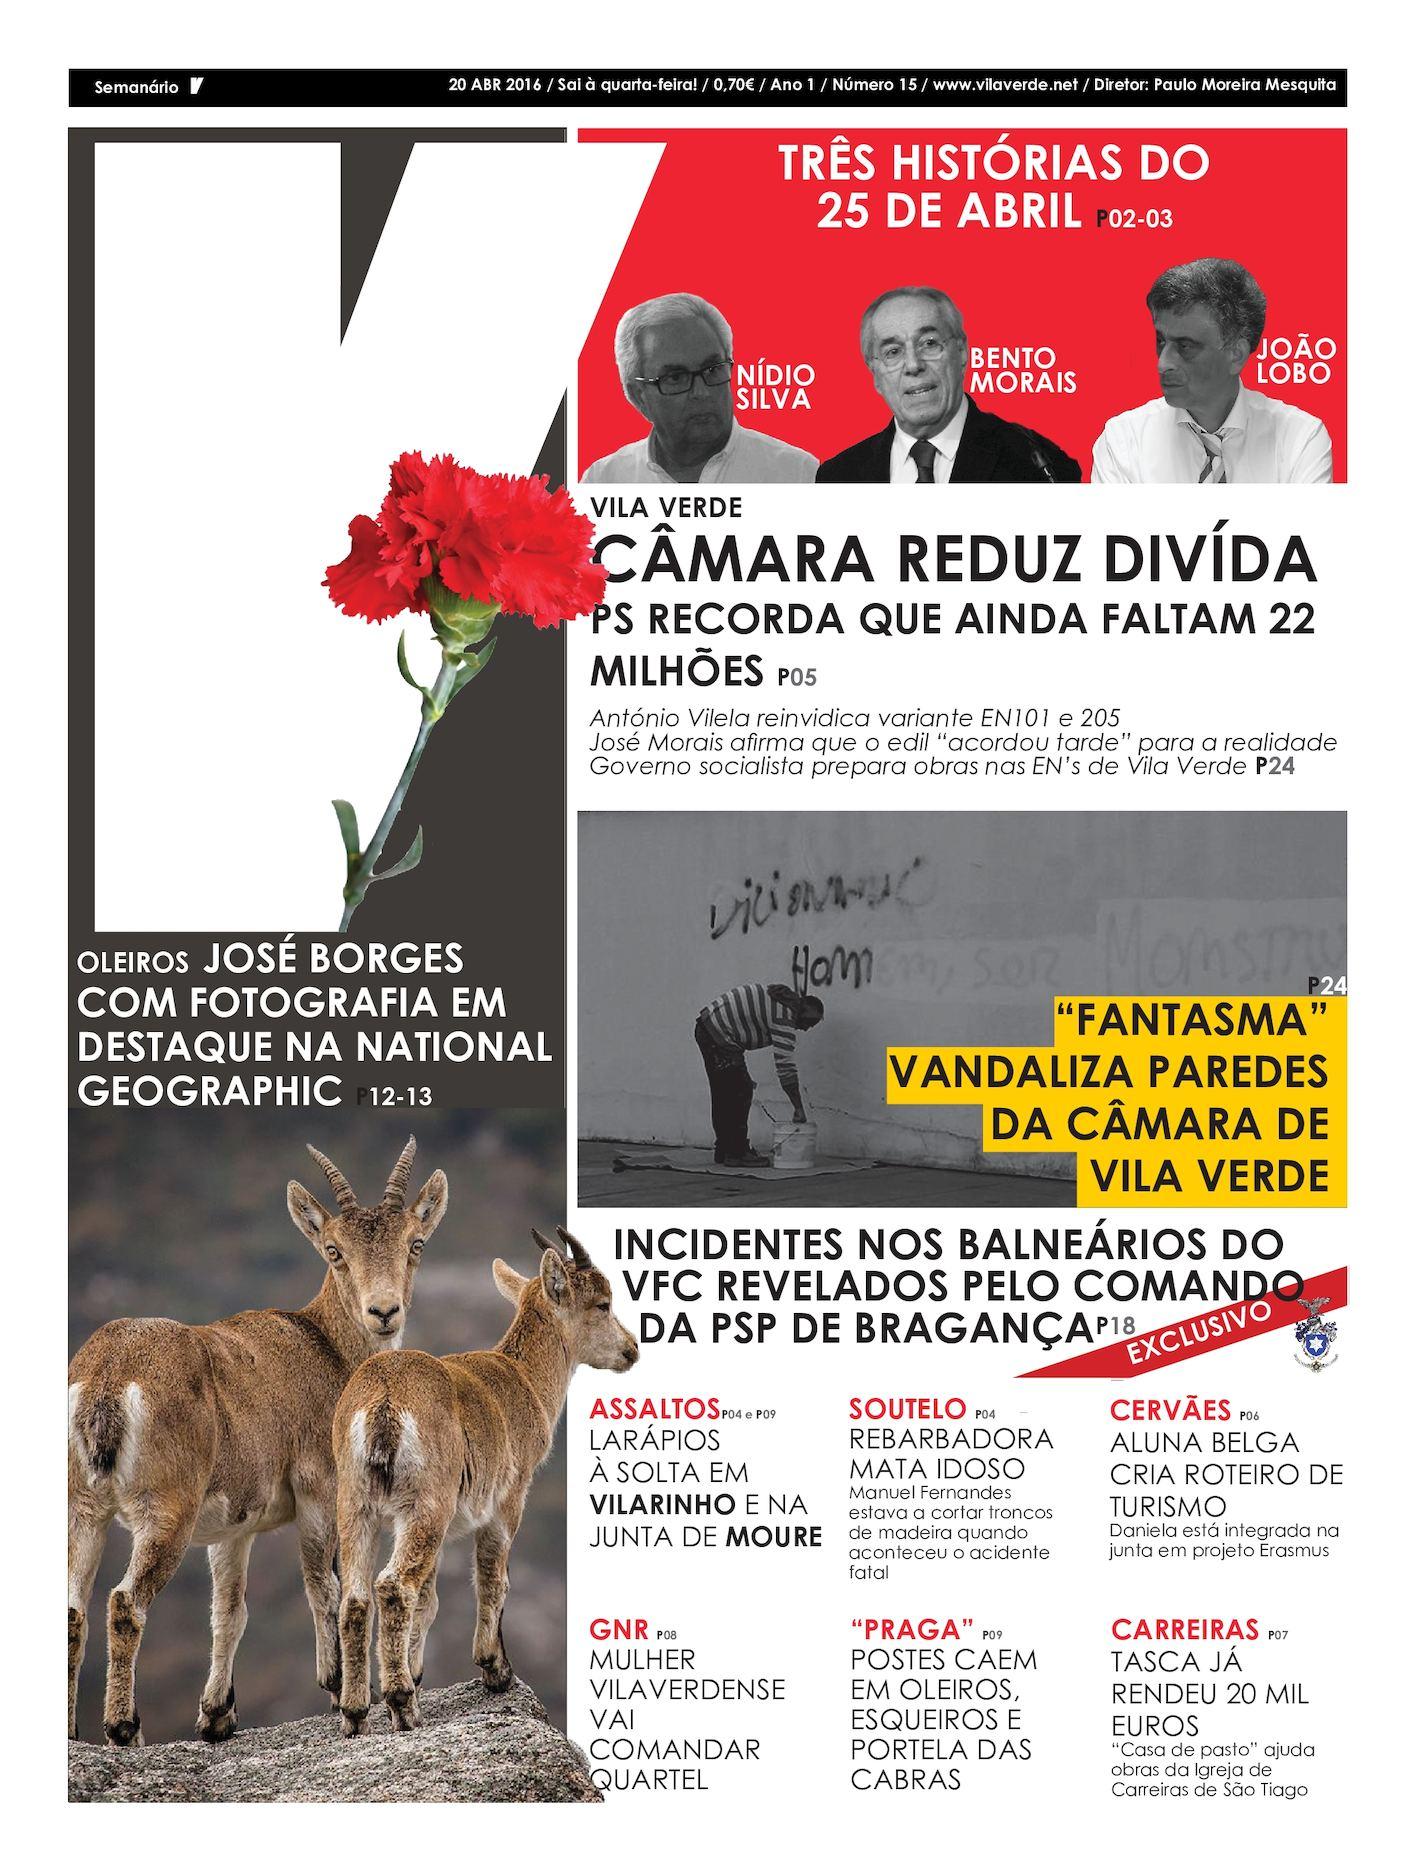 db3a8231da875 Calaméo - SEMANÁRIO V - 15